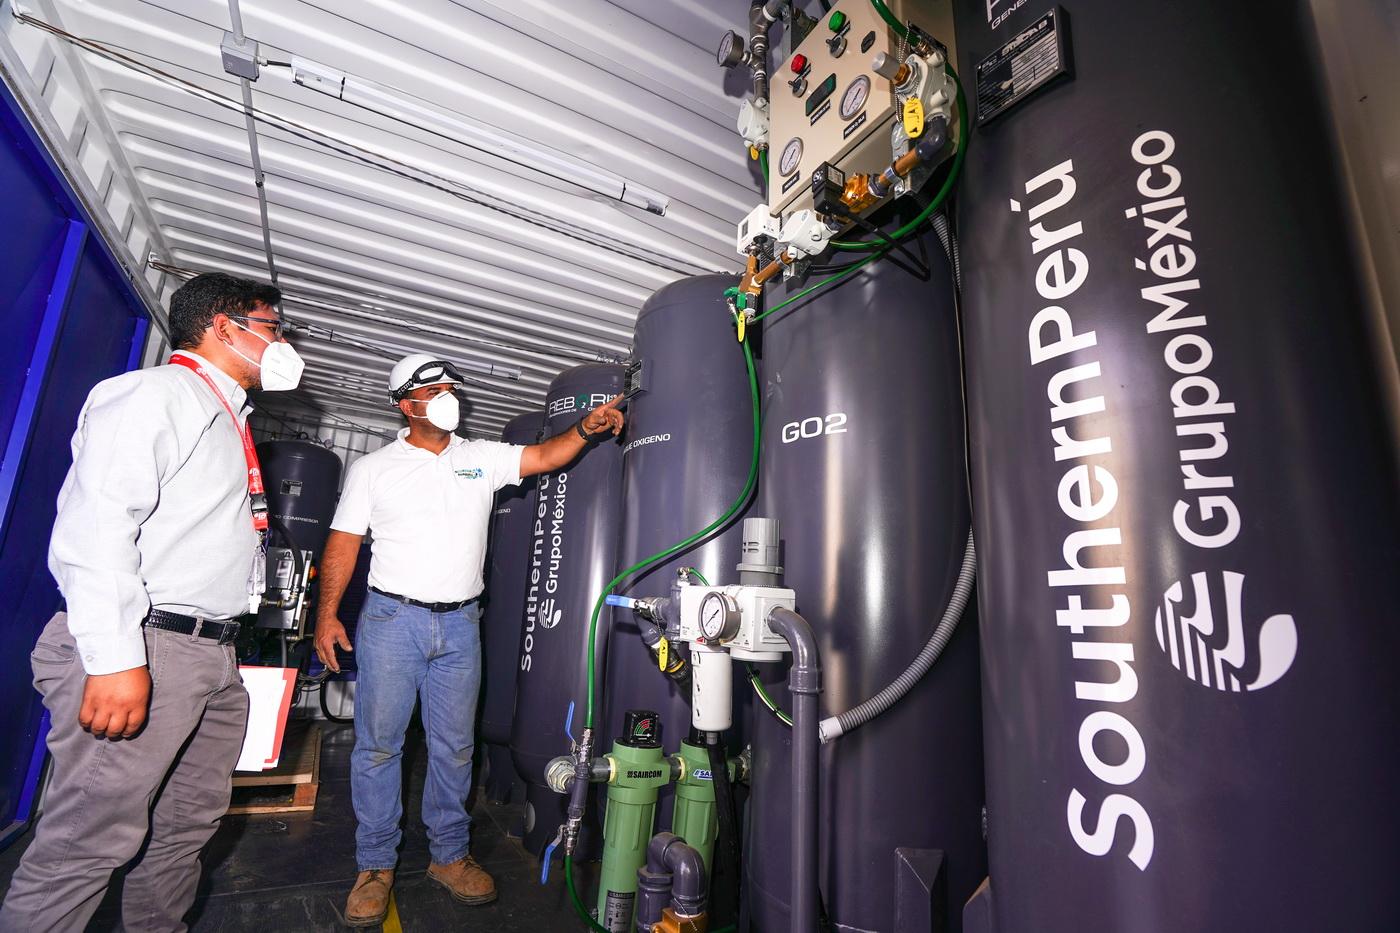 Southern Perú entrega a la región Arequipa planta generadora de oxígeno gaseoso